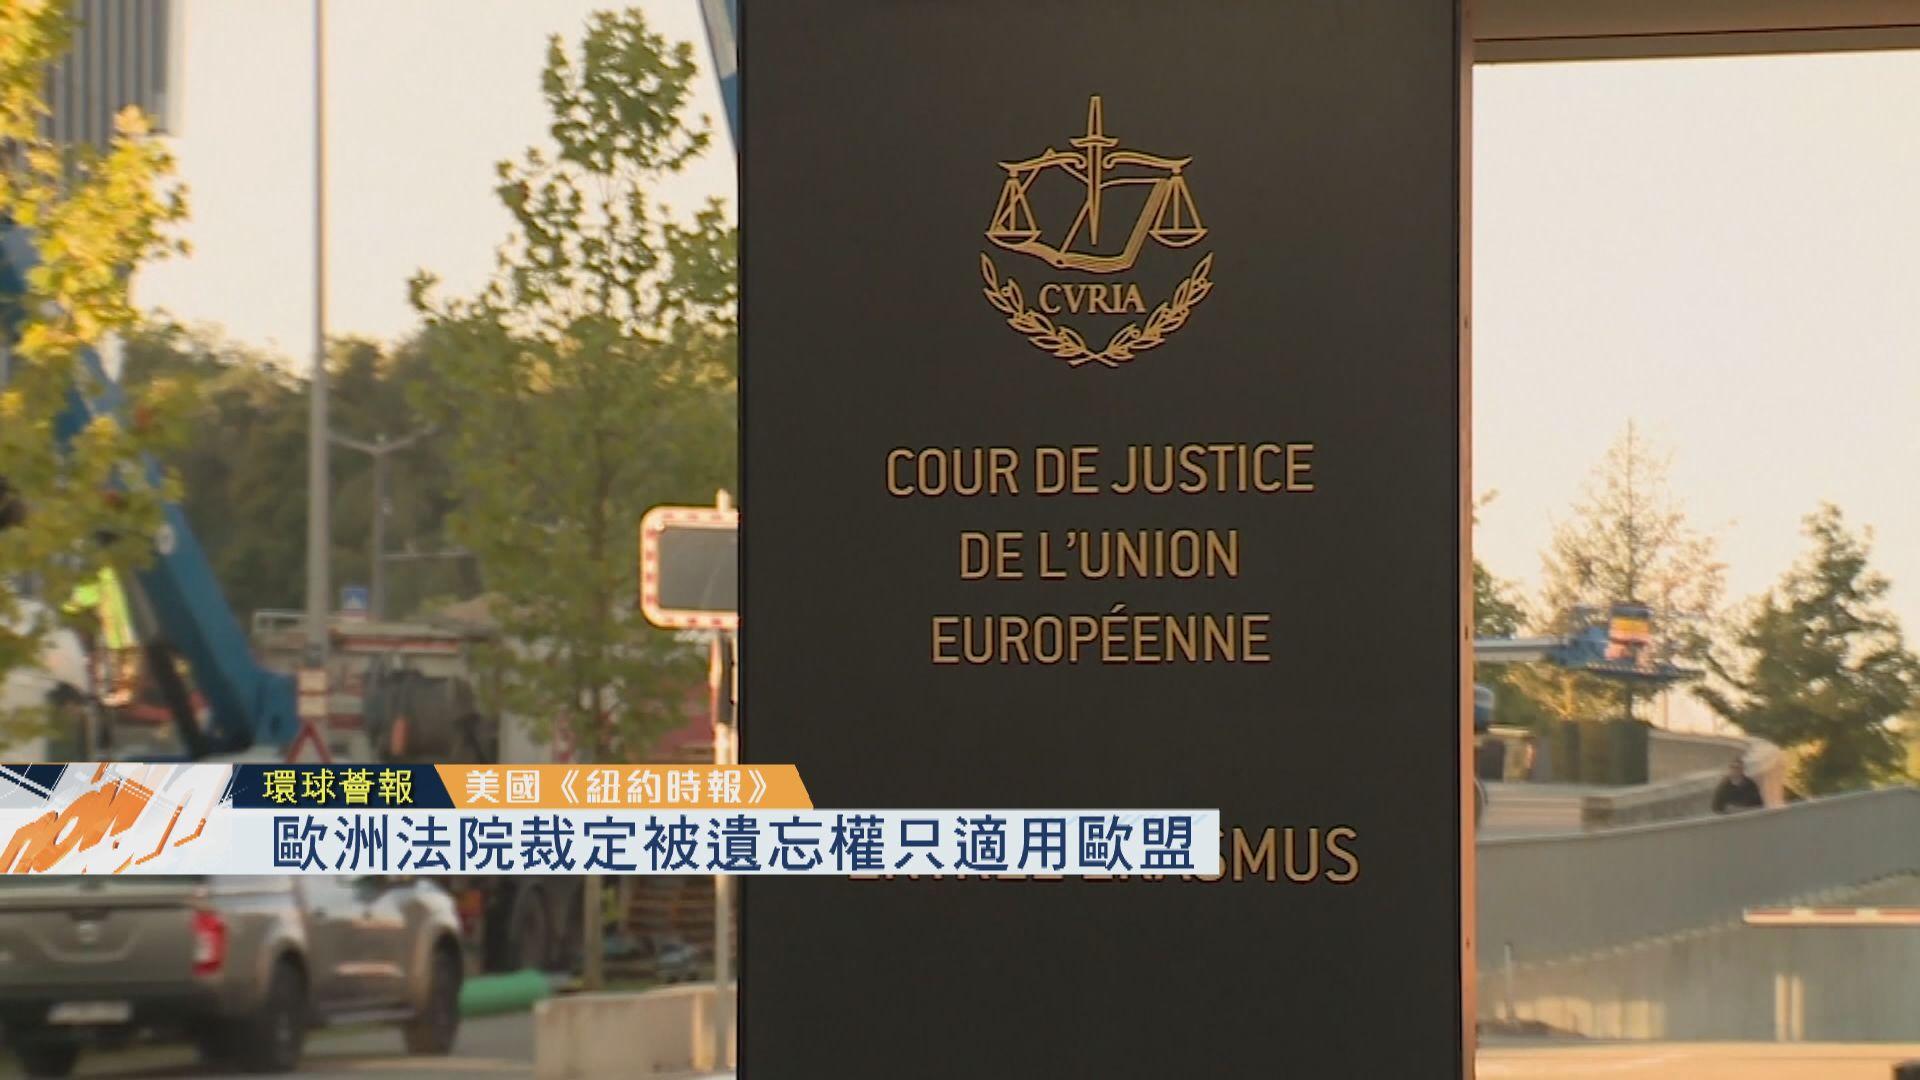 【環球薈報】歐洲法院裁定被遺忘權只適用歐盟